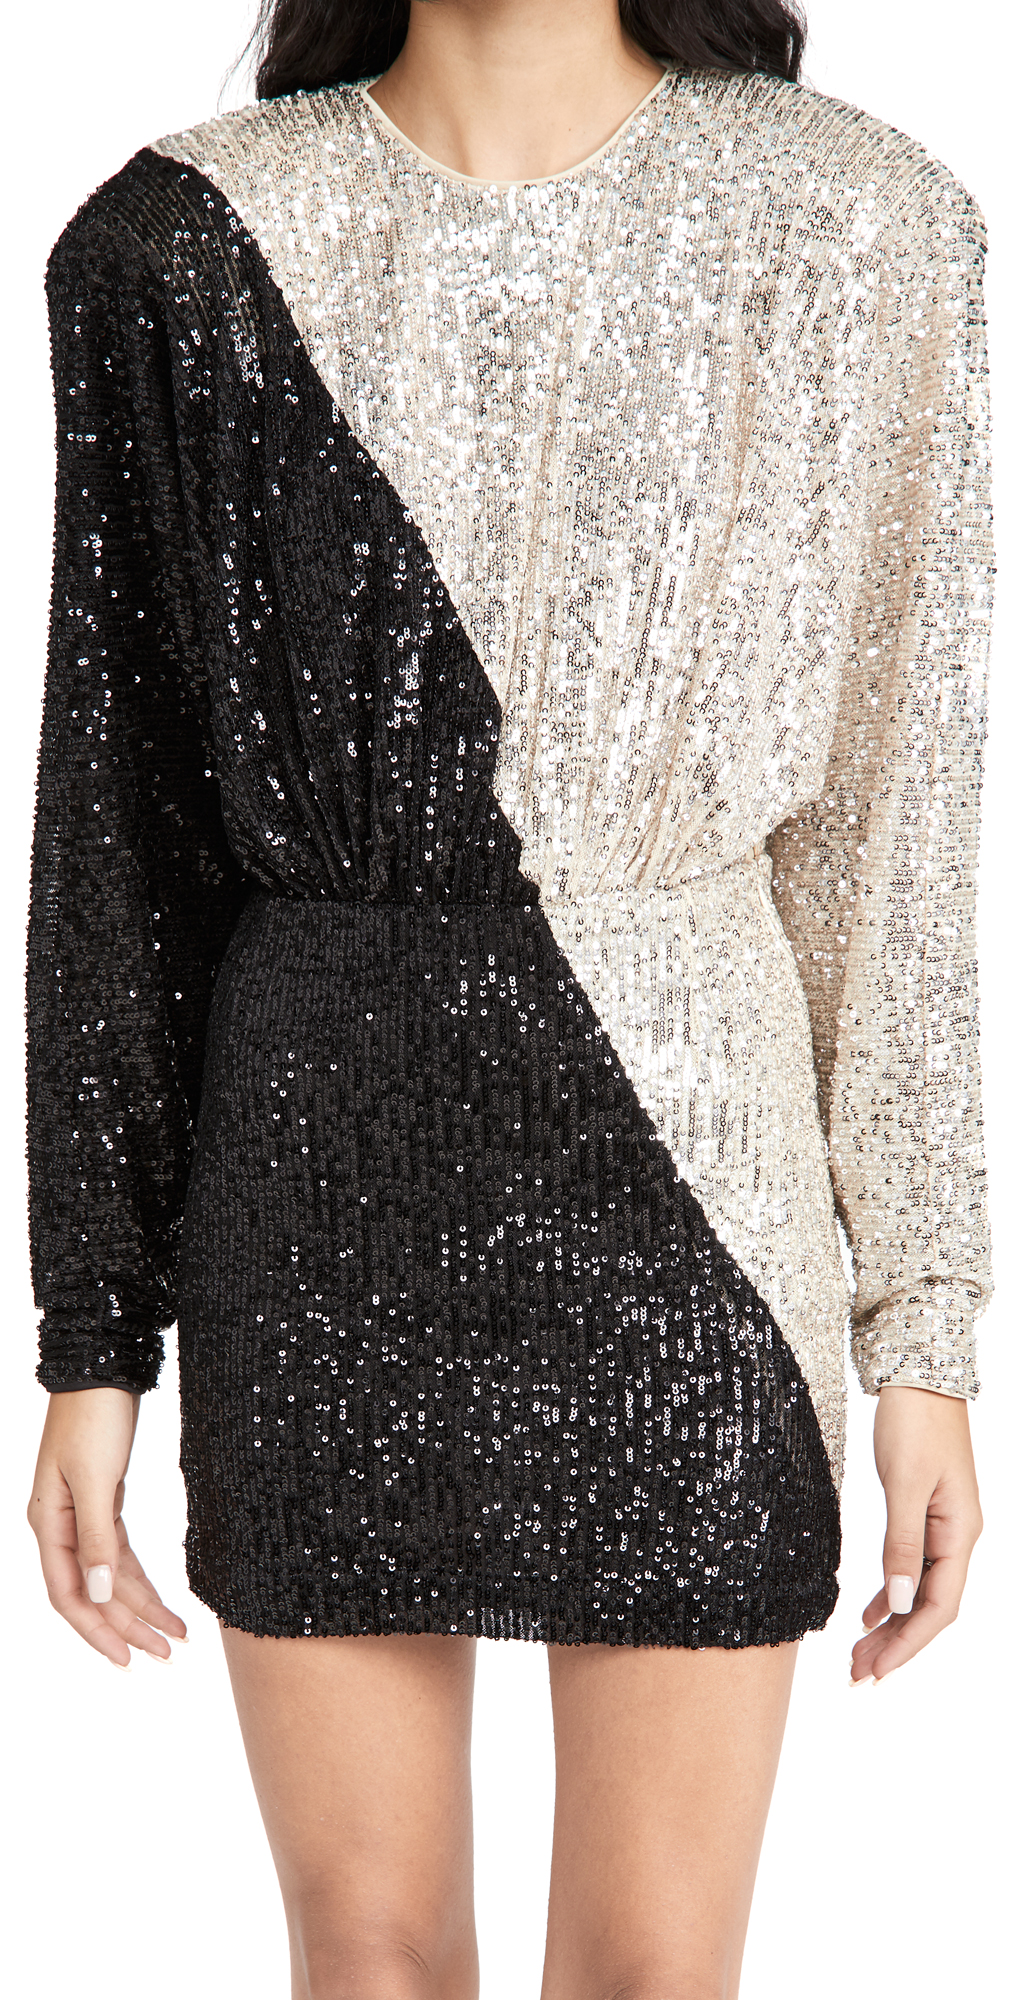 ROTATE Billie Short Dress